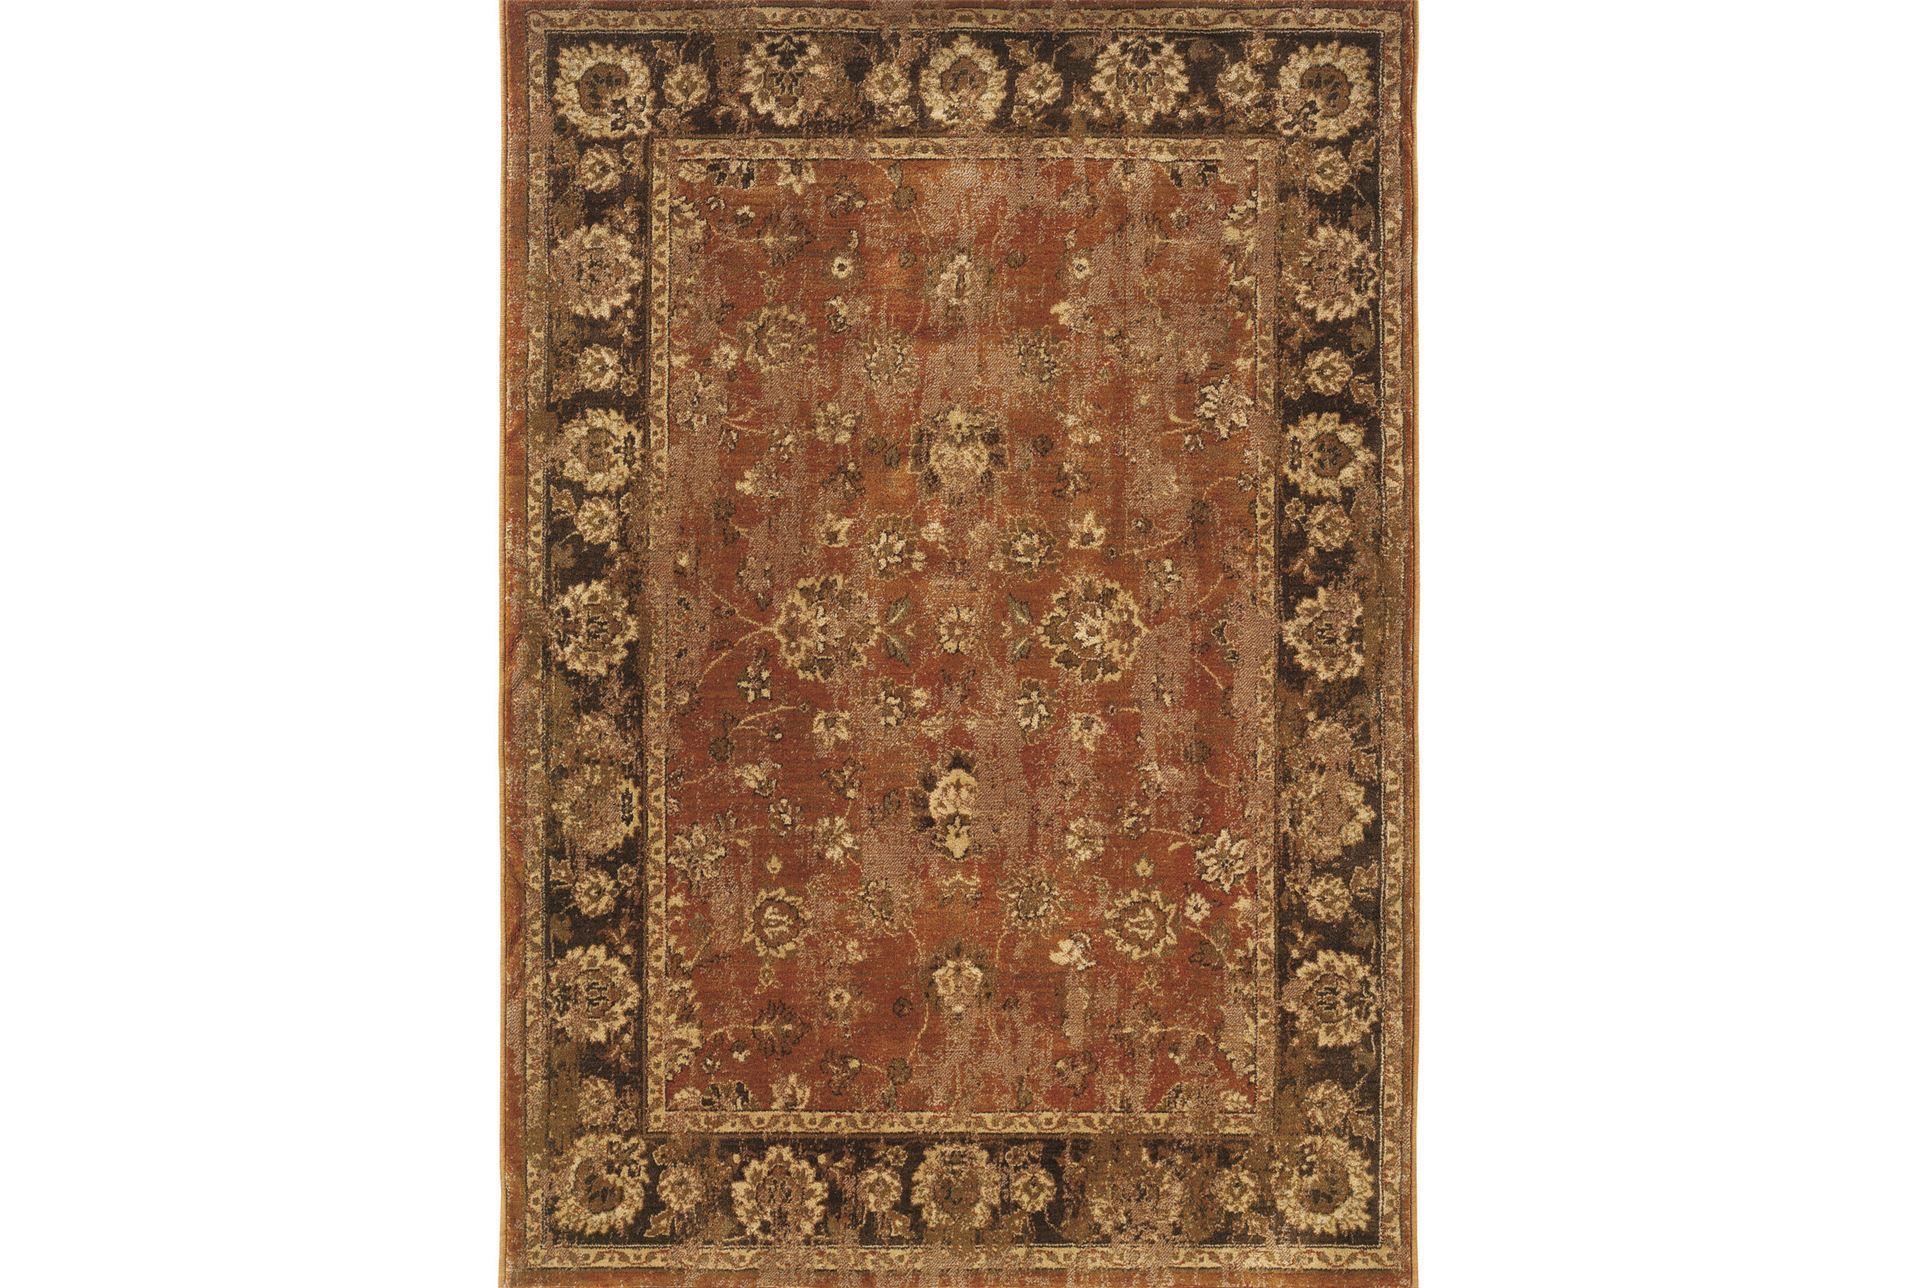 63x90 rug ingrid cinnamon living spaces for Living spaces rugs